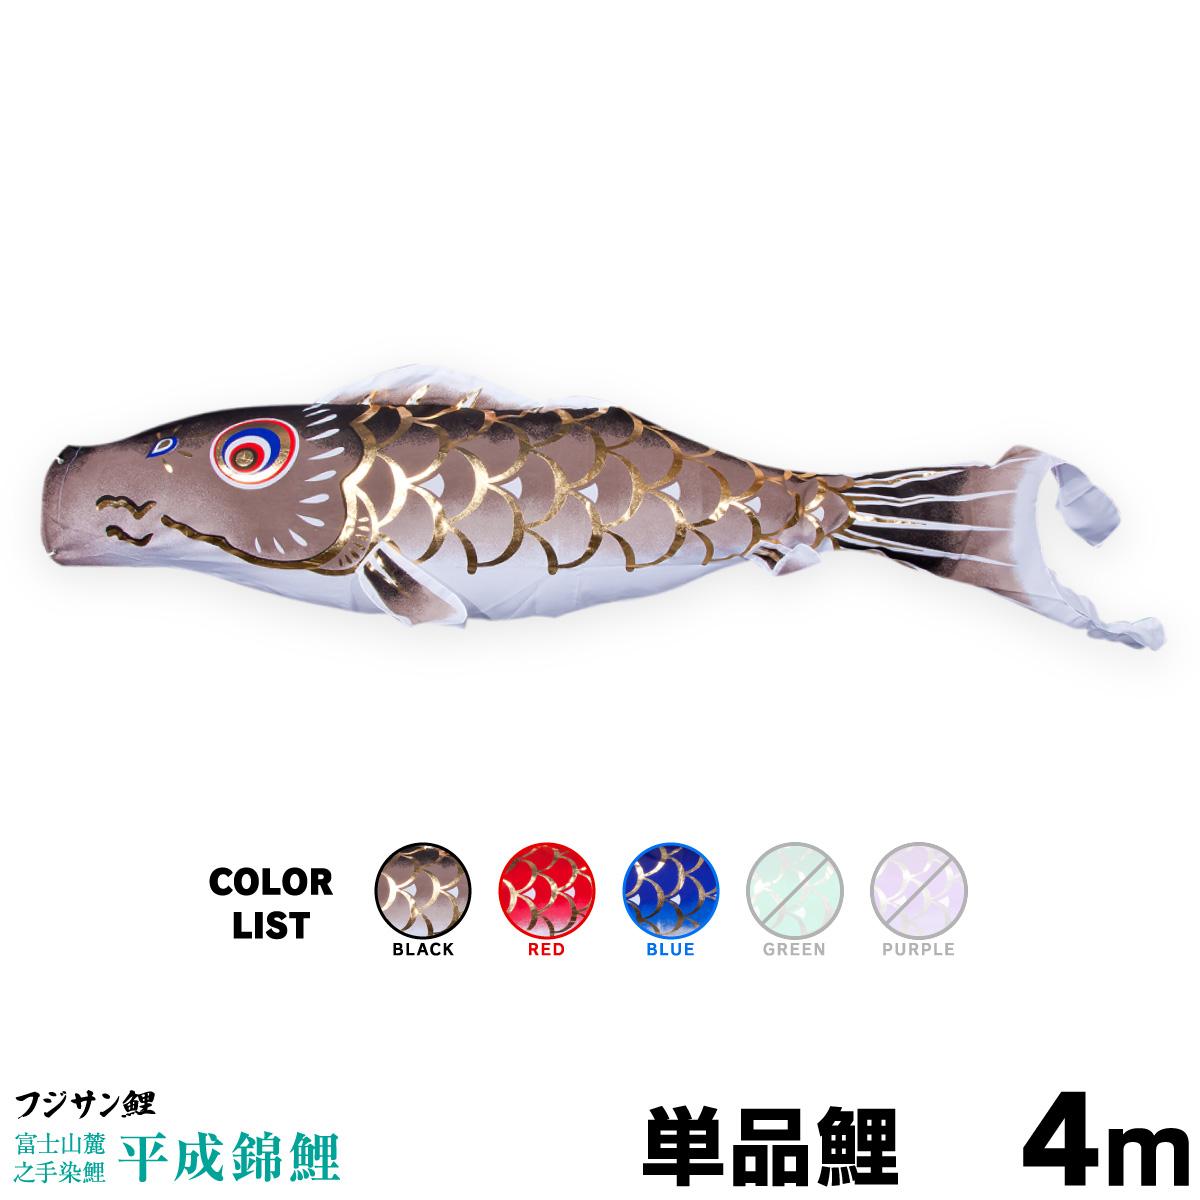 【こいのぼり 単品】 平成錦鯉 4m 単品鯉